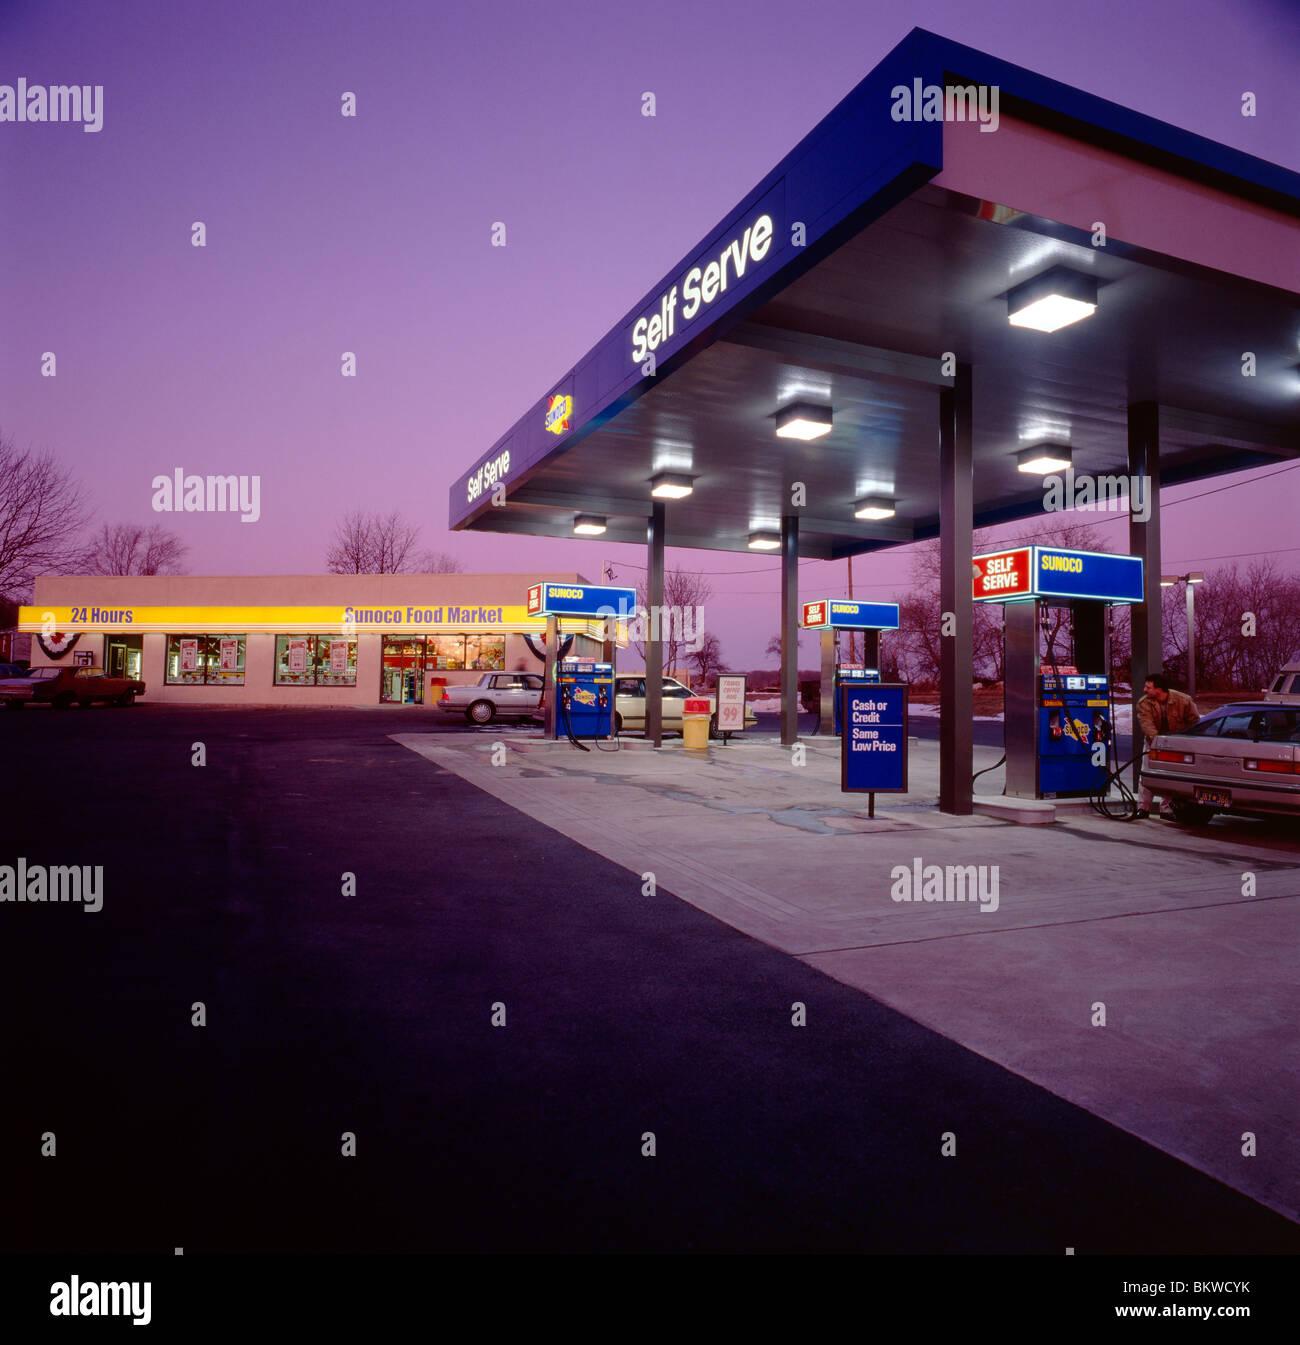 Ver el atardecer de una gasolinera y tienda de conveniencia Foto de stock